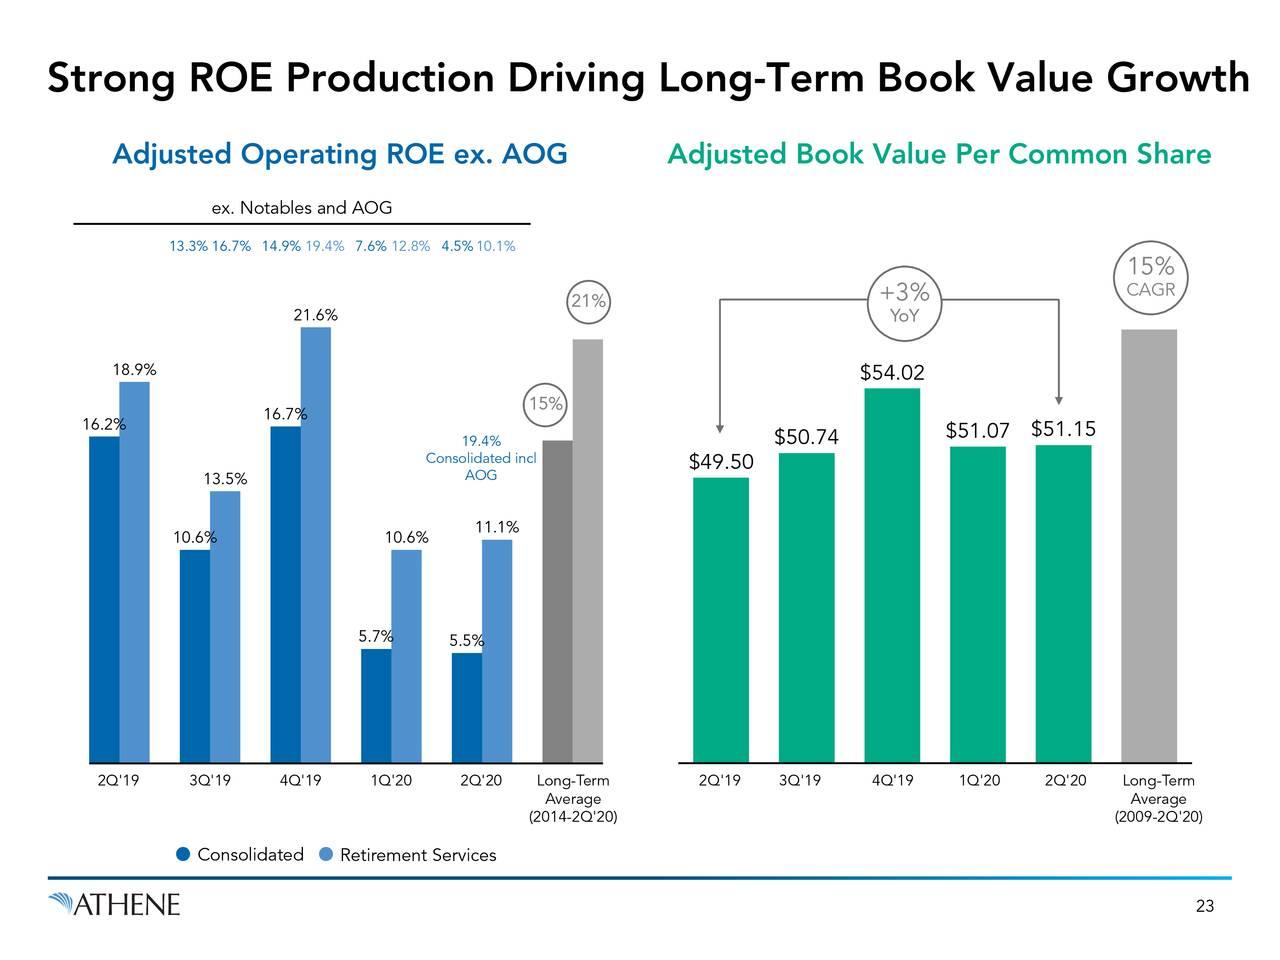 Fuerte producción de ROE que impulsa el crecimiento del valor contable a largo plazo